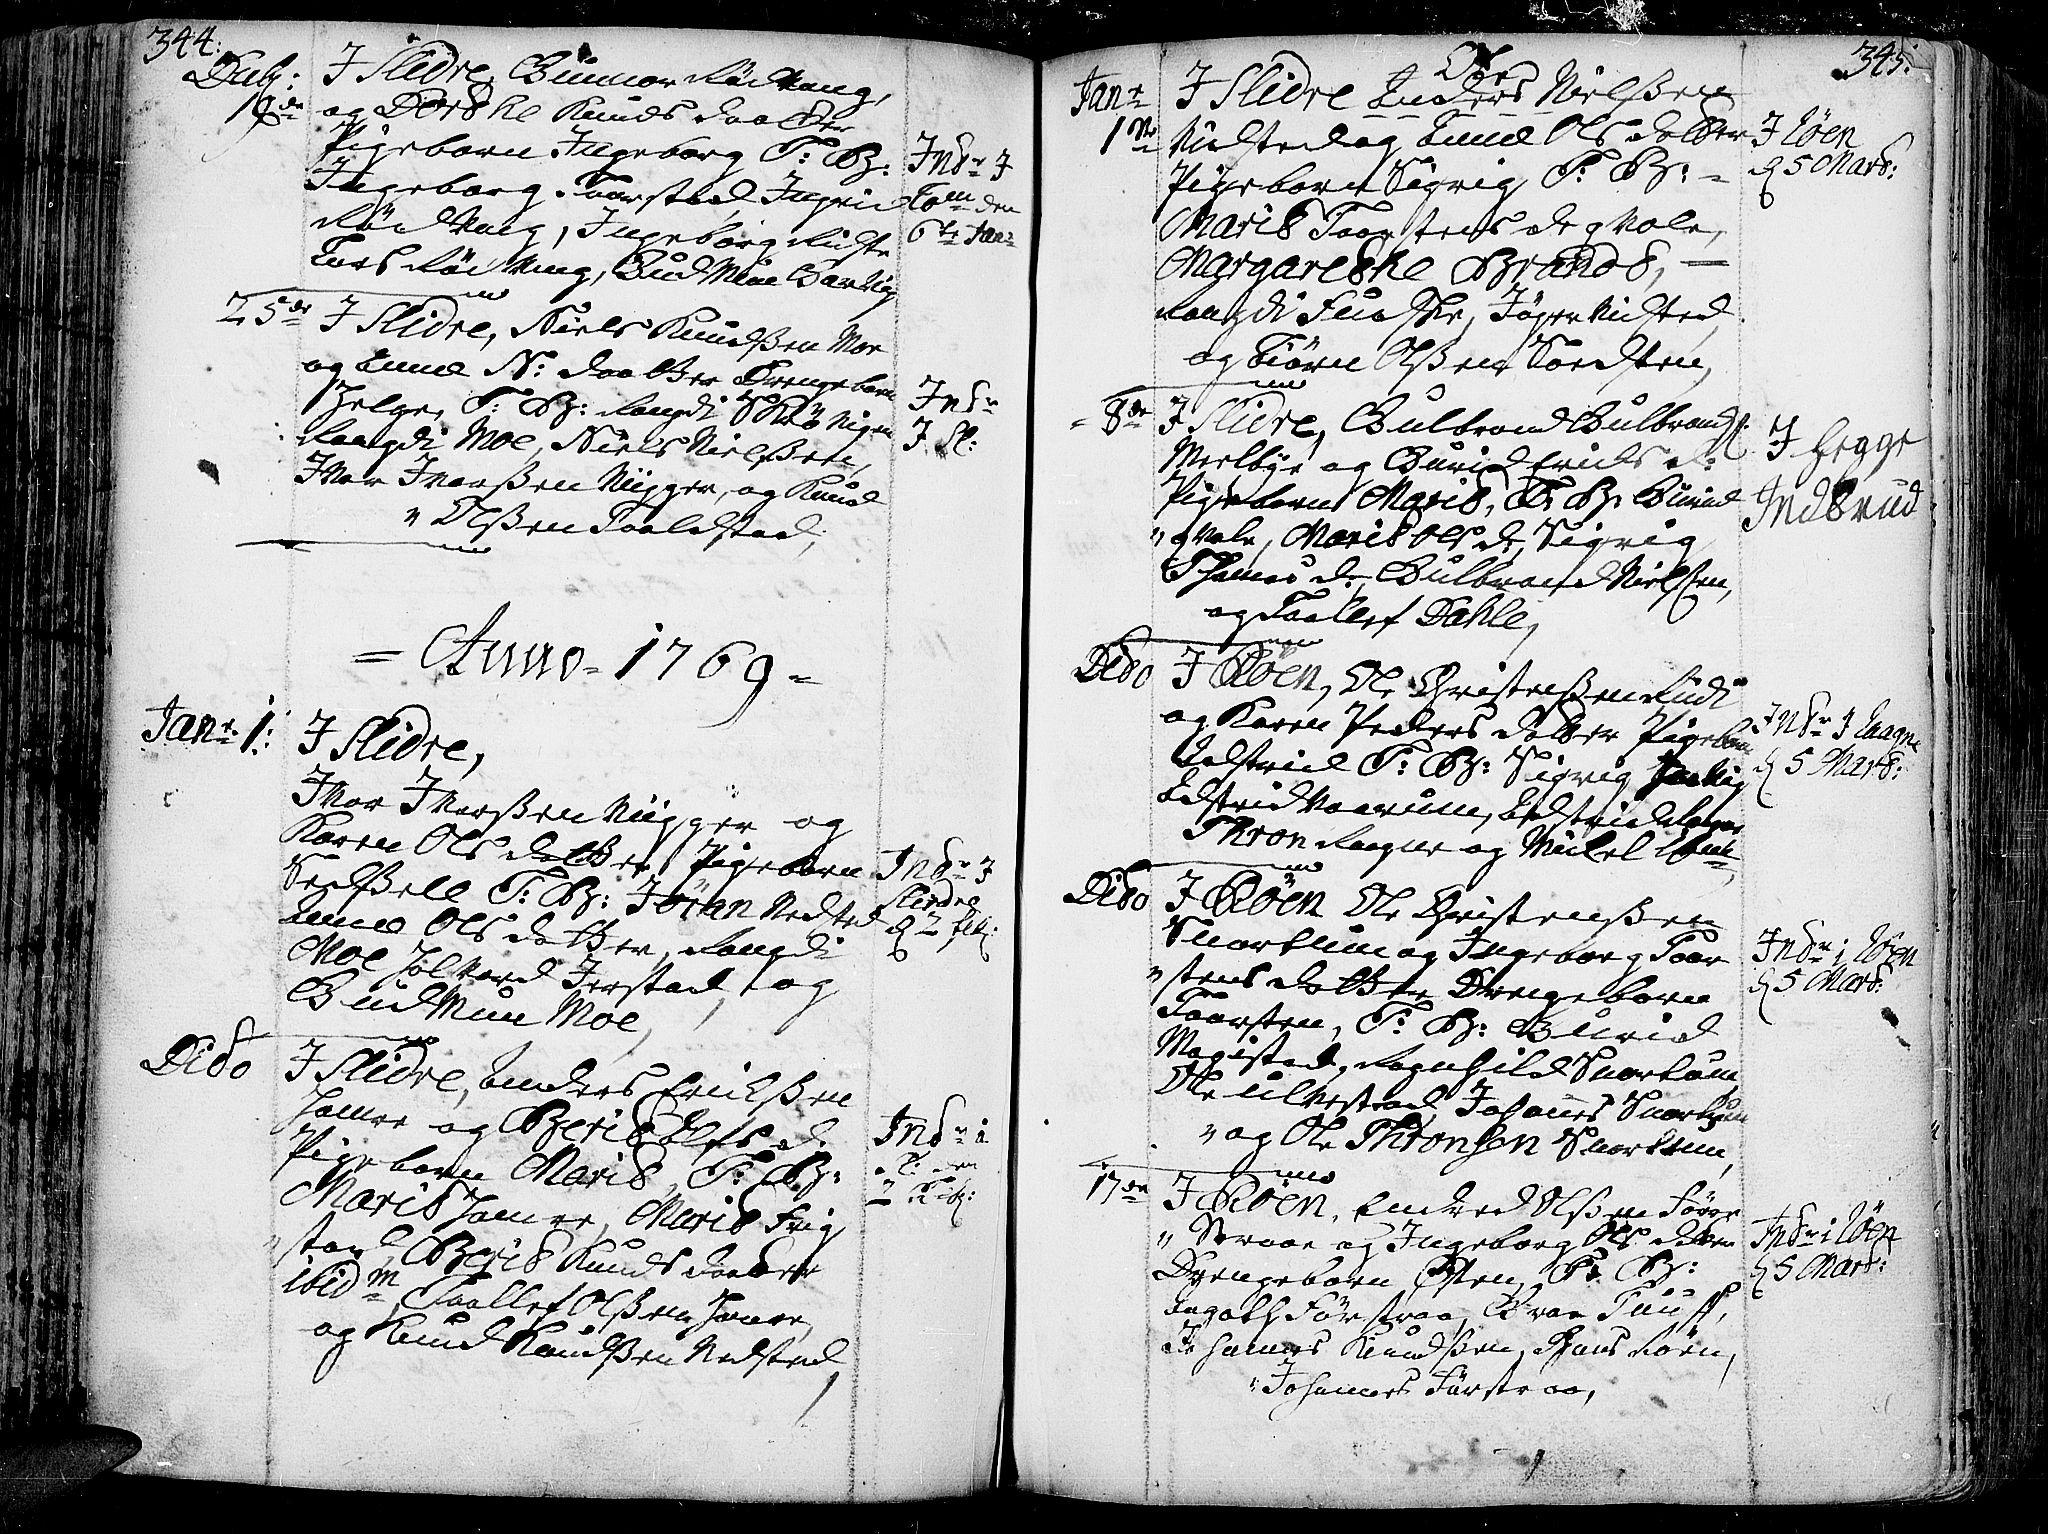 SAH, Slidre prestekontor, Ministerialbok nr. 1, 1724-1814, s. 344-345